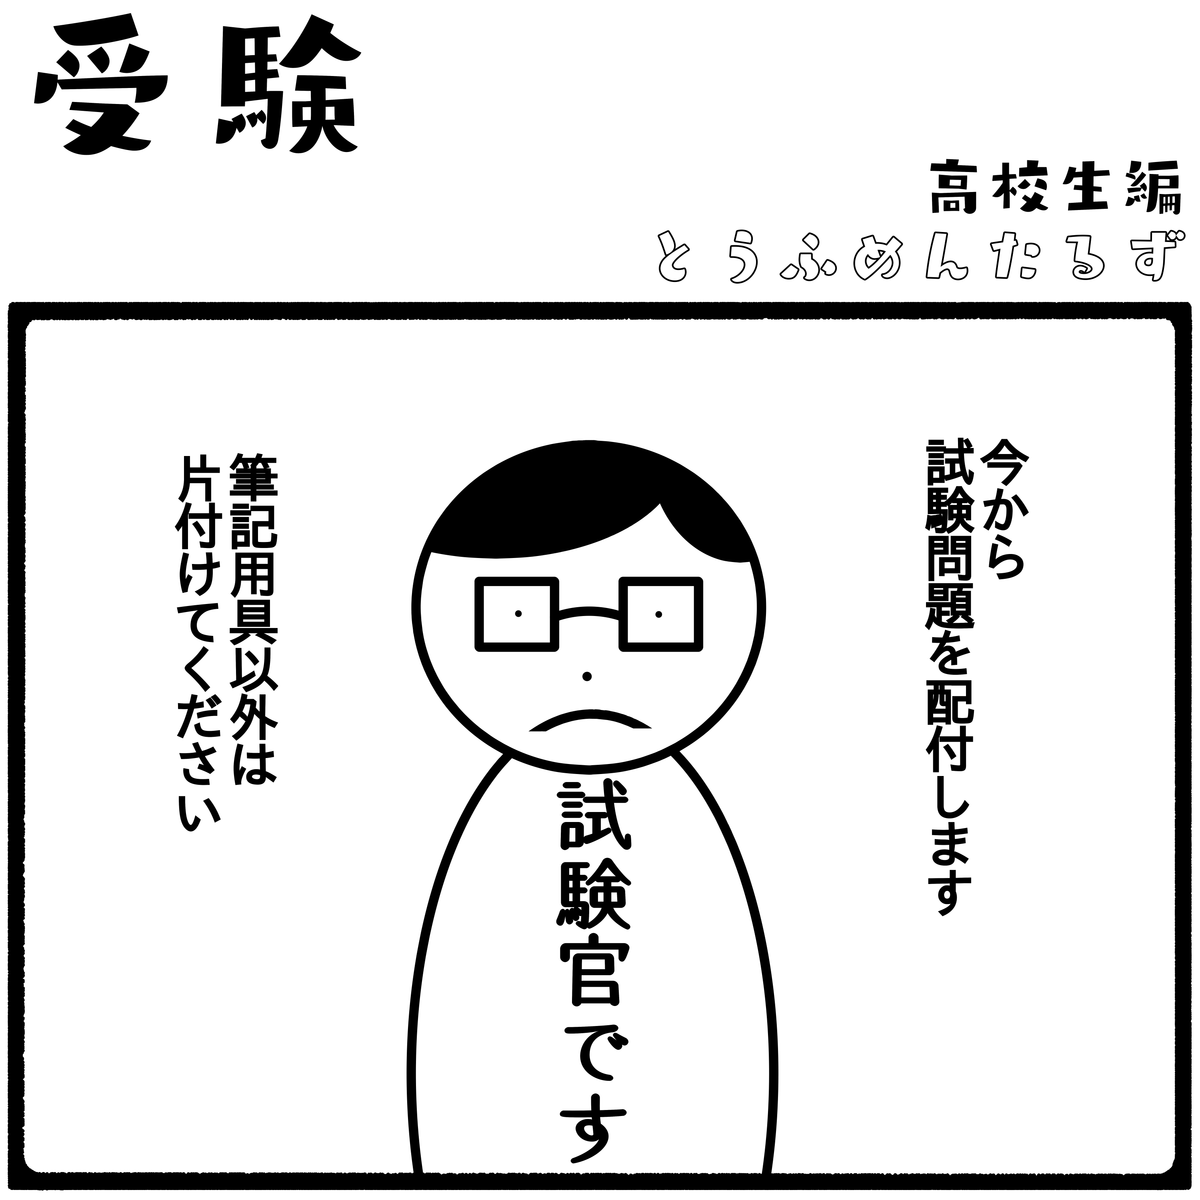 とうふめんたるず 豆腐メンタル 日常 4コマ漫画 受験